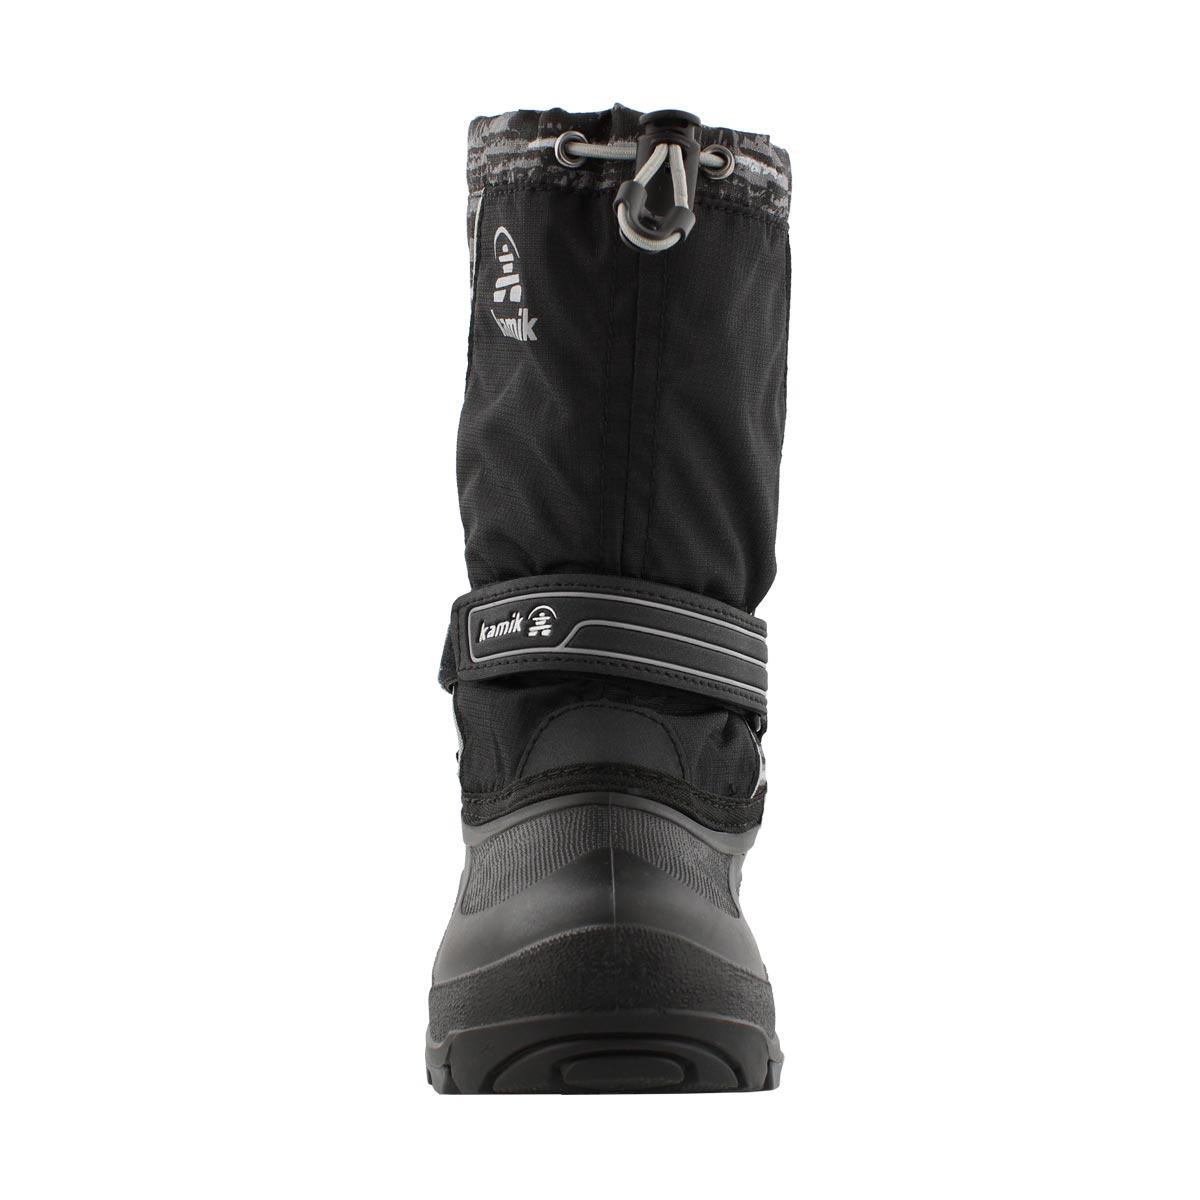 Bys SnowcoastP blk/char wtpf winter boot